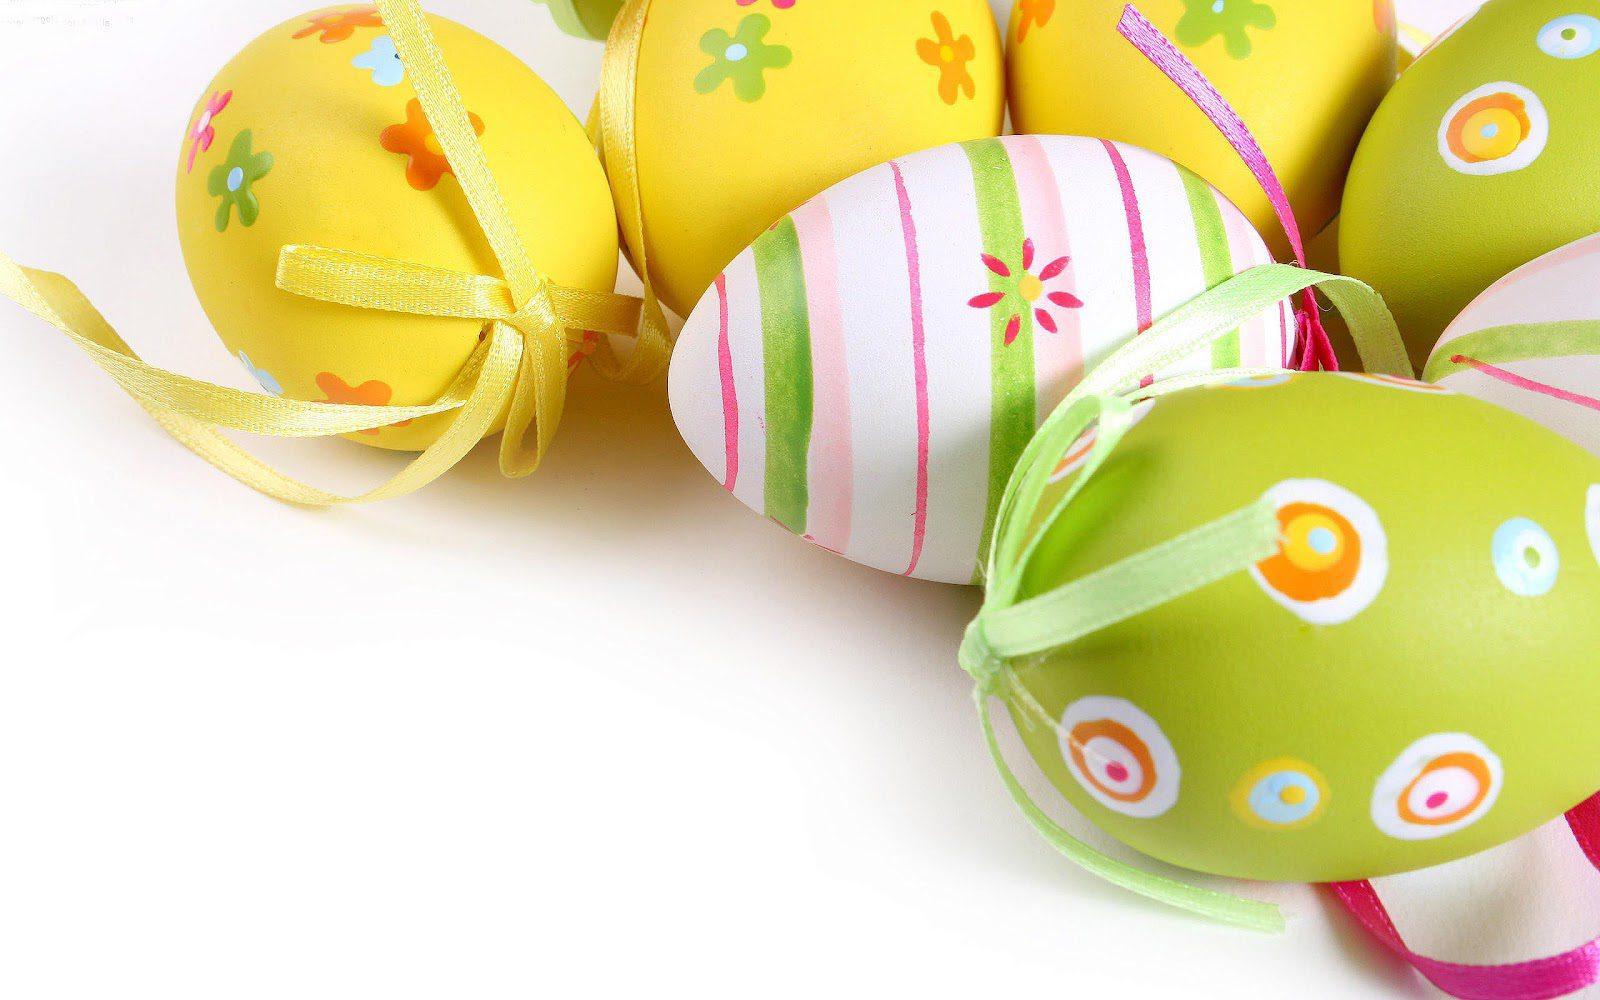 Buchen Sie jetzt Ihren Osteraufenthalt auf de Scherpenhof